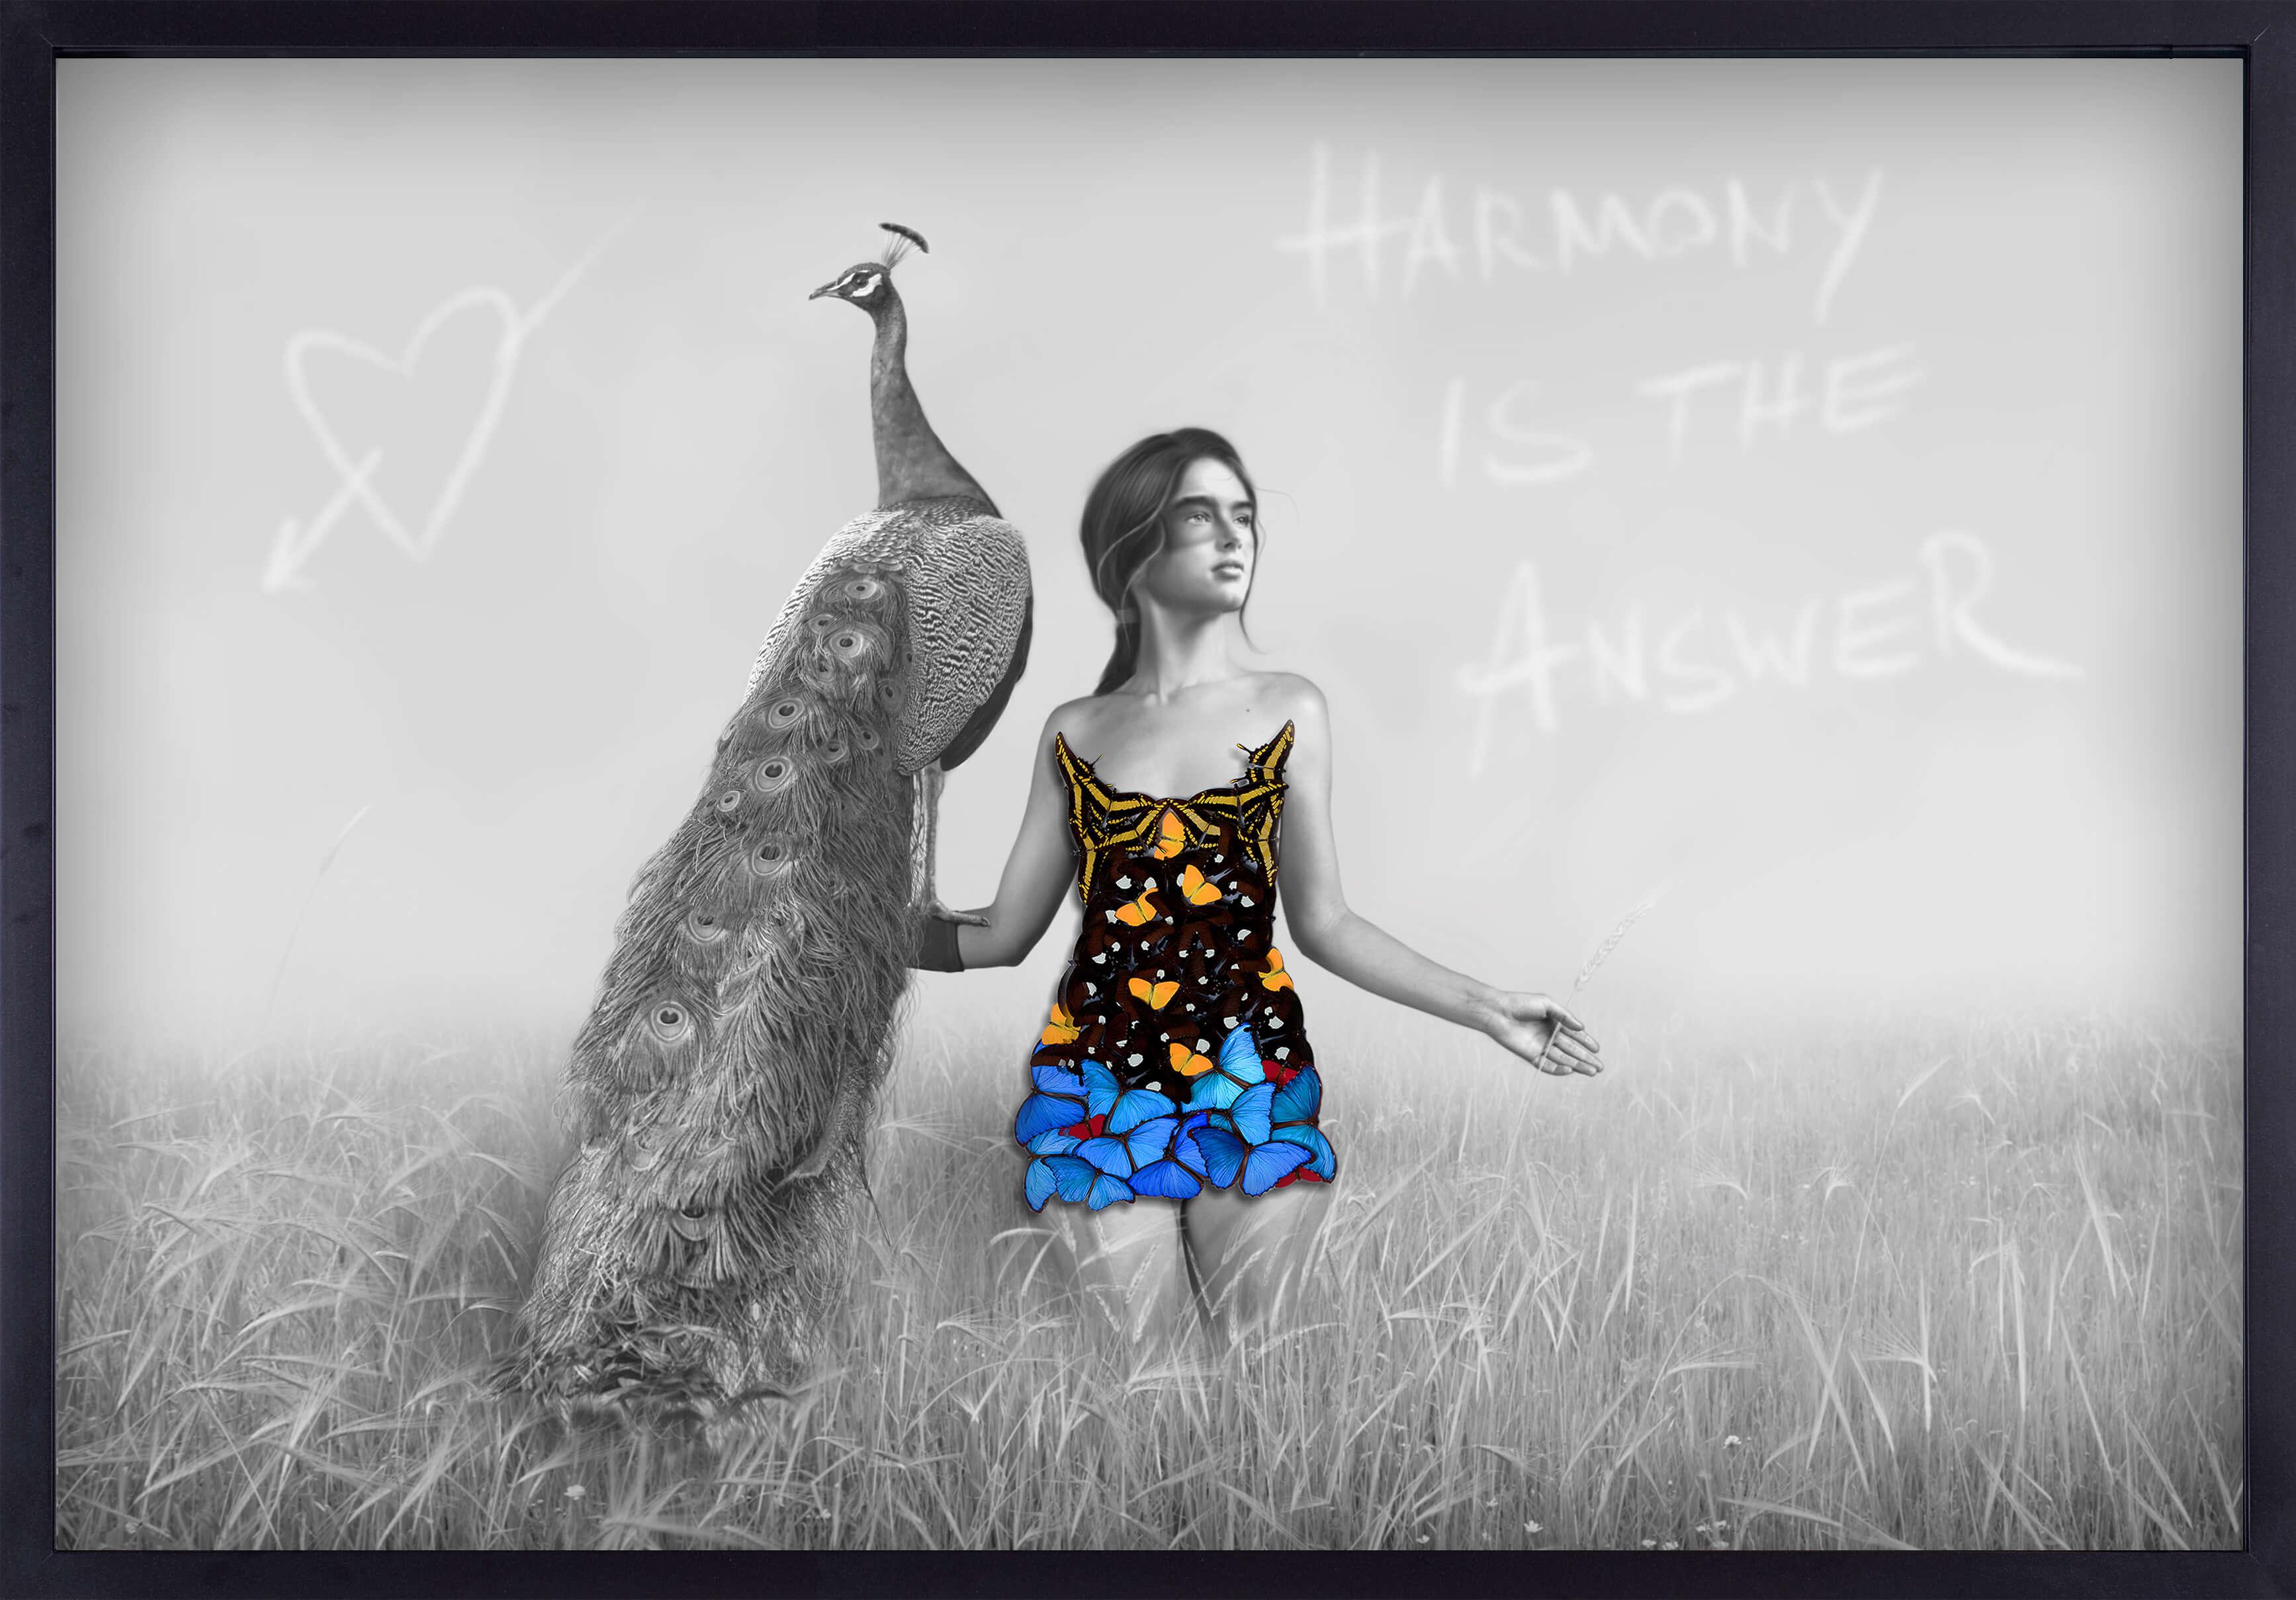 A Girl With a Peacock - Harmony - SN - Eden Gallery